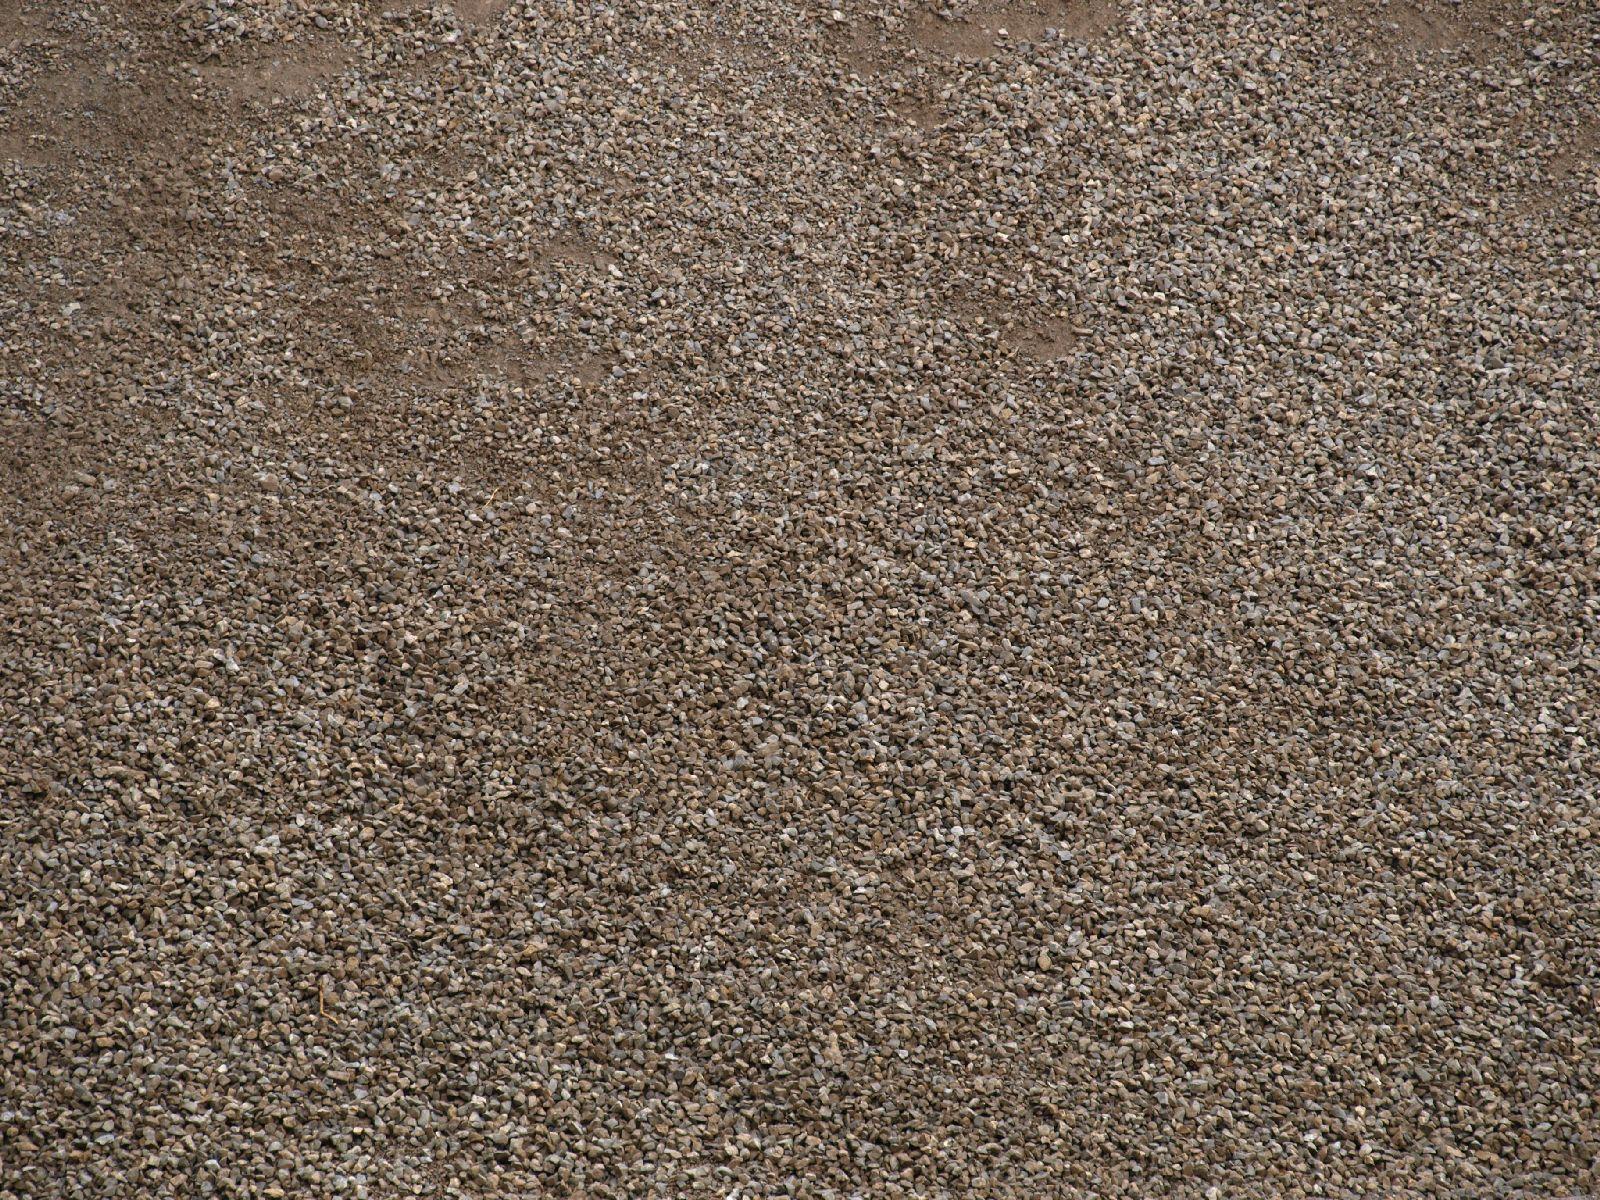 Boden-Gehweg-Strasse-Buergersteig-Textur_A_P3081220